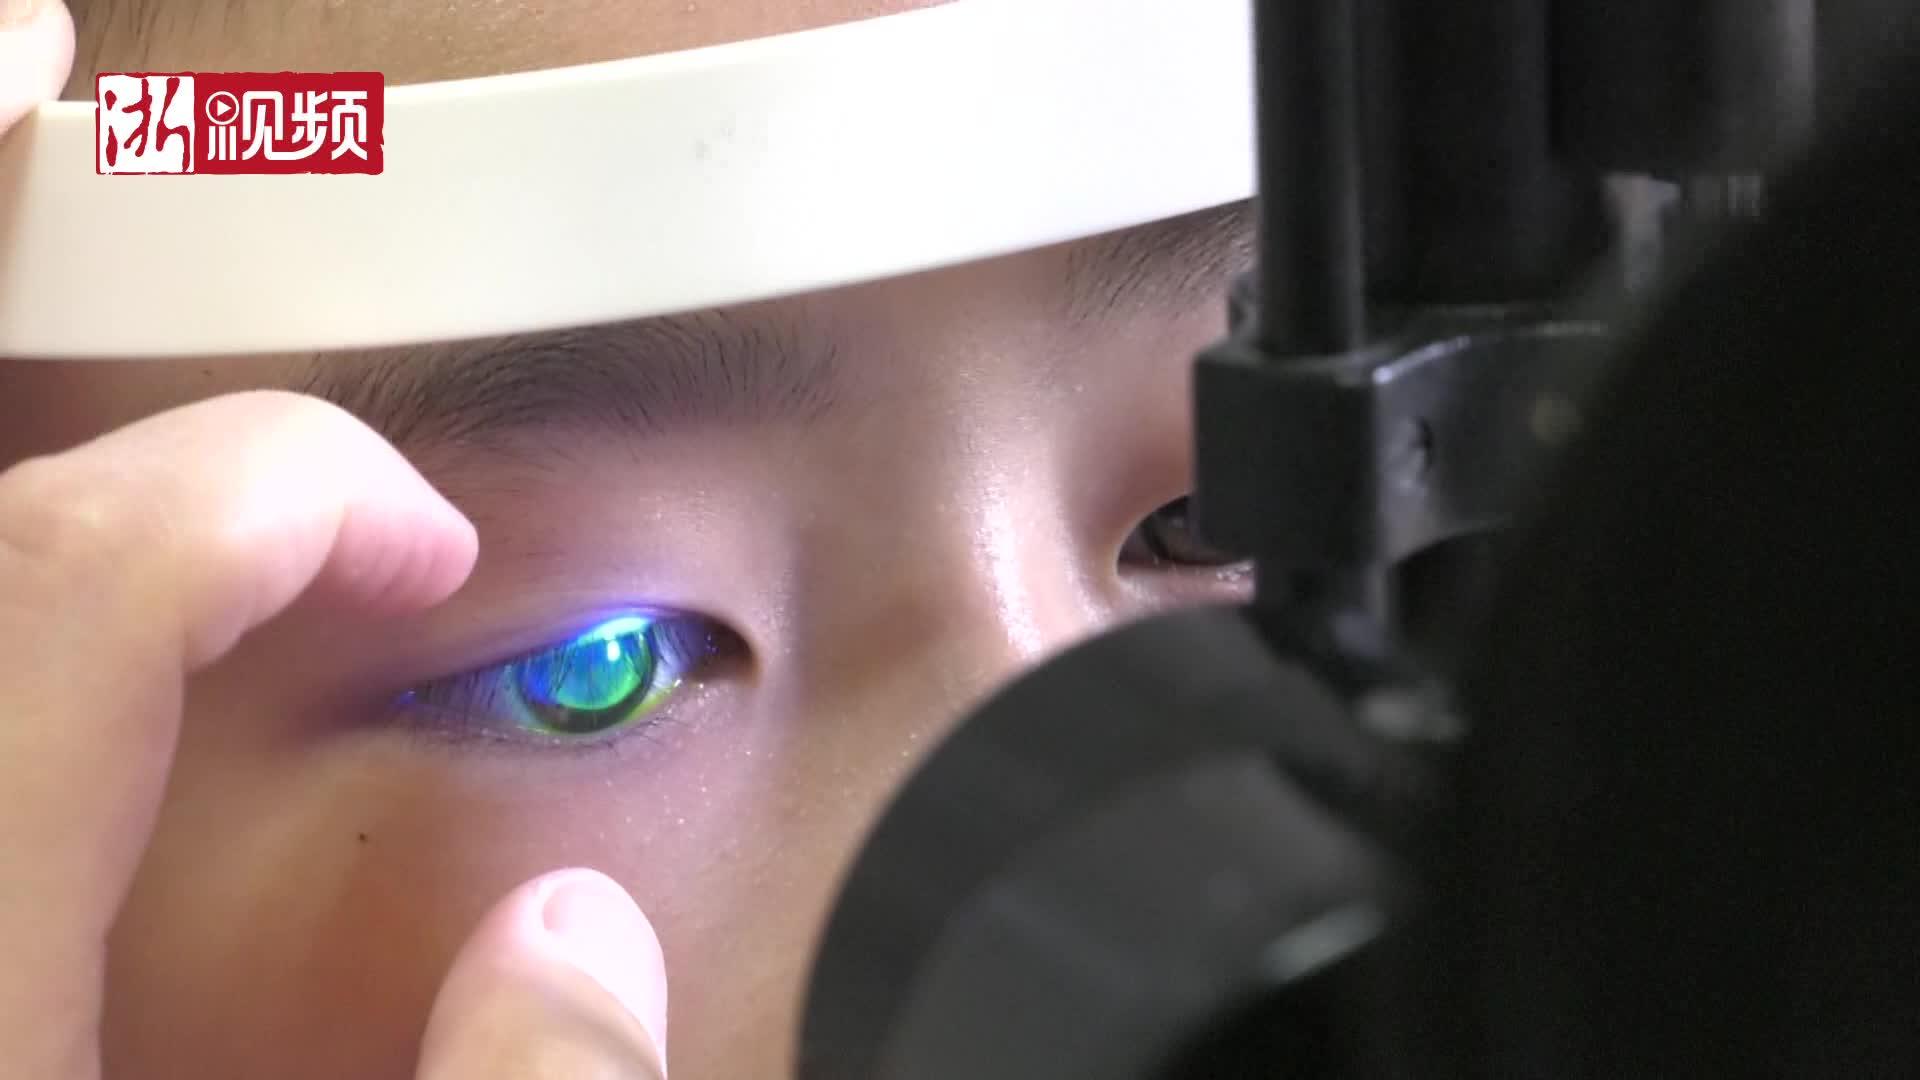 暑假最火爆的地方!浙二眼科每天就诊人数近3000